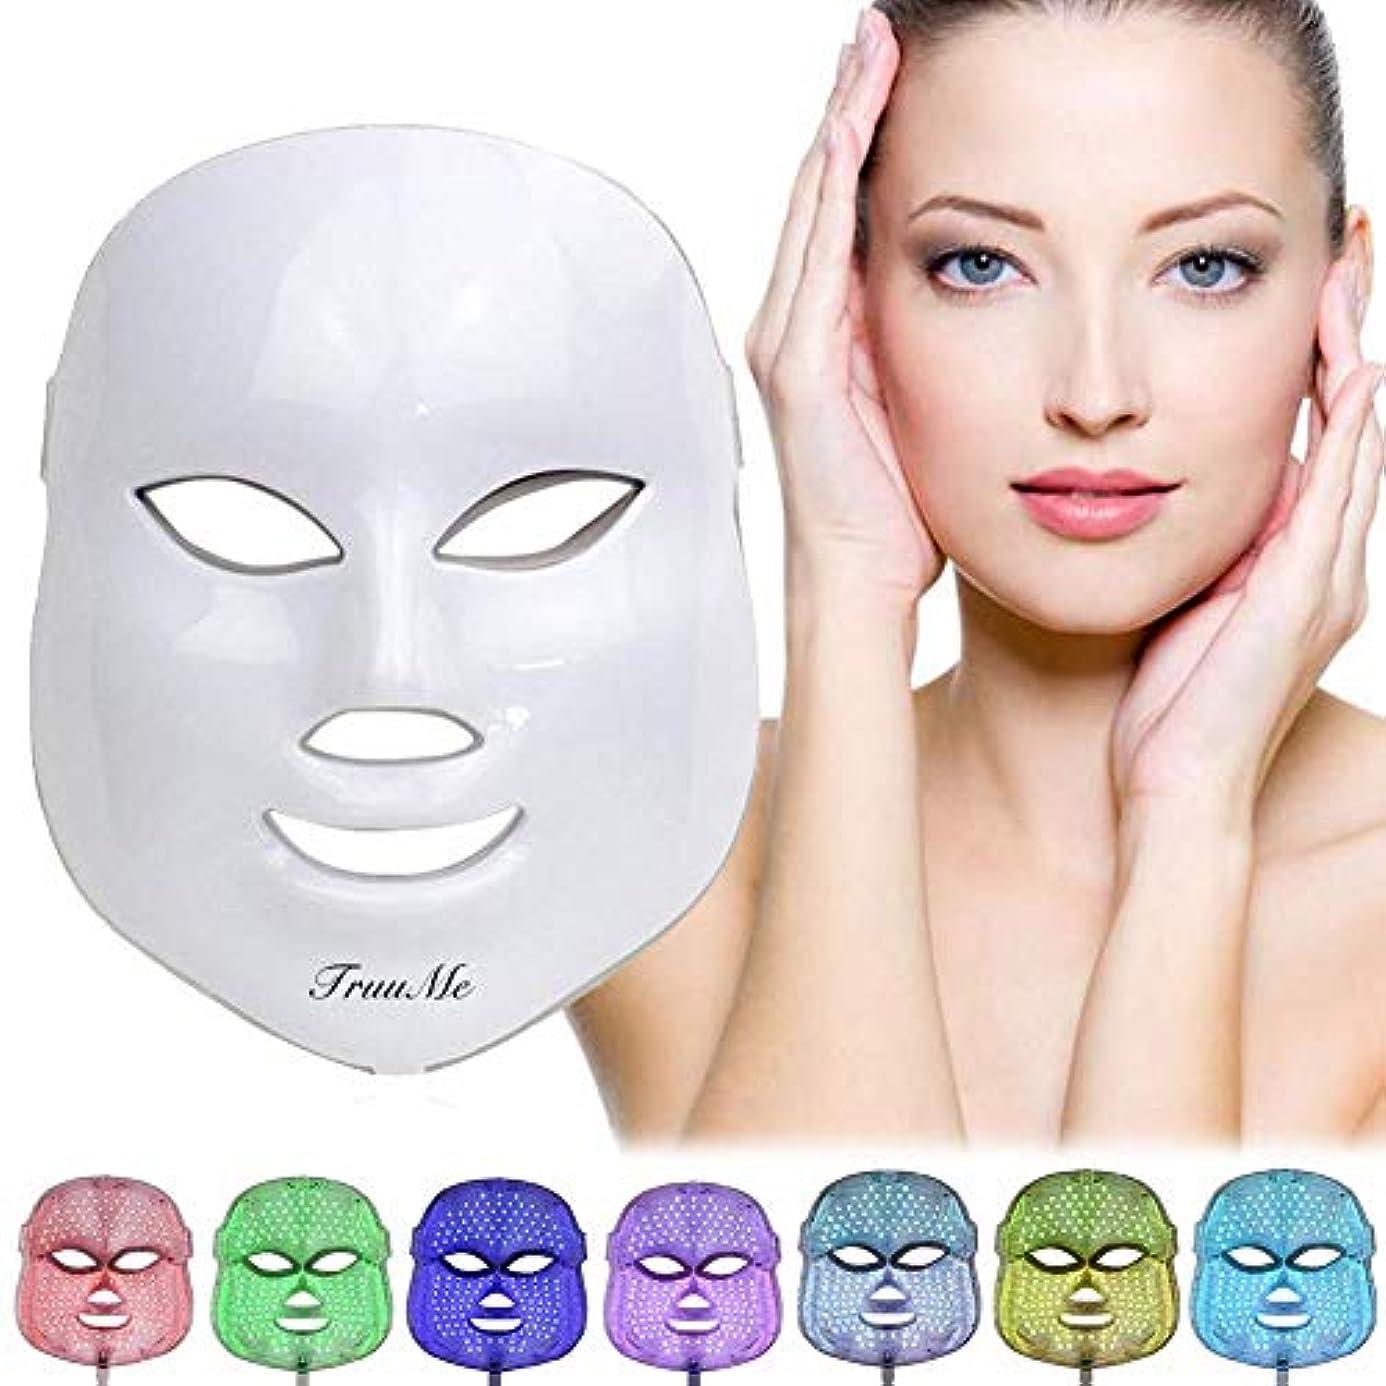 失態起点満たすLEDフェイスマスク、ライトセラピーニキビマスク、LEDフェイシャルマスク、光線療法マスク、LEDエレクトリックフェイシャルマスク、7色光治療、ニキビ治療用マスク、斑点、にきび、皮膚のシミ